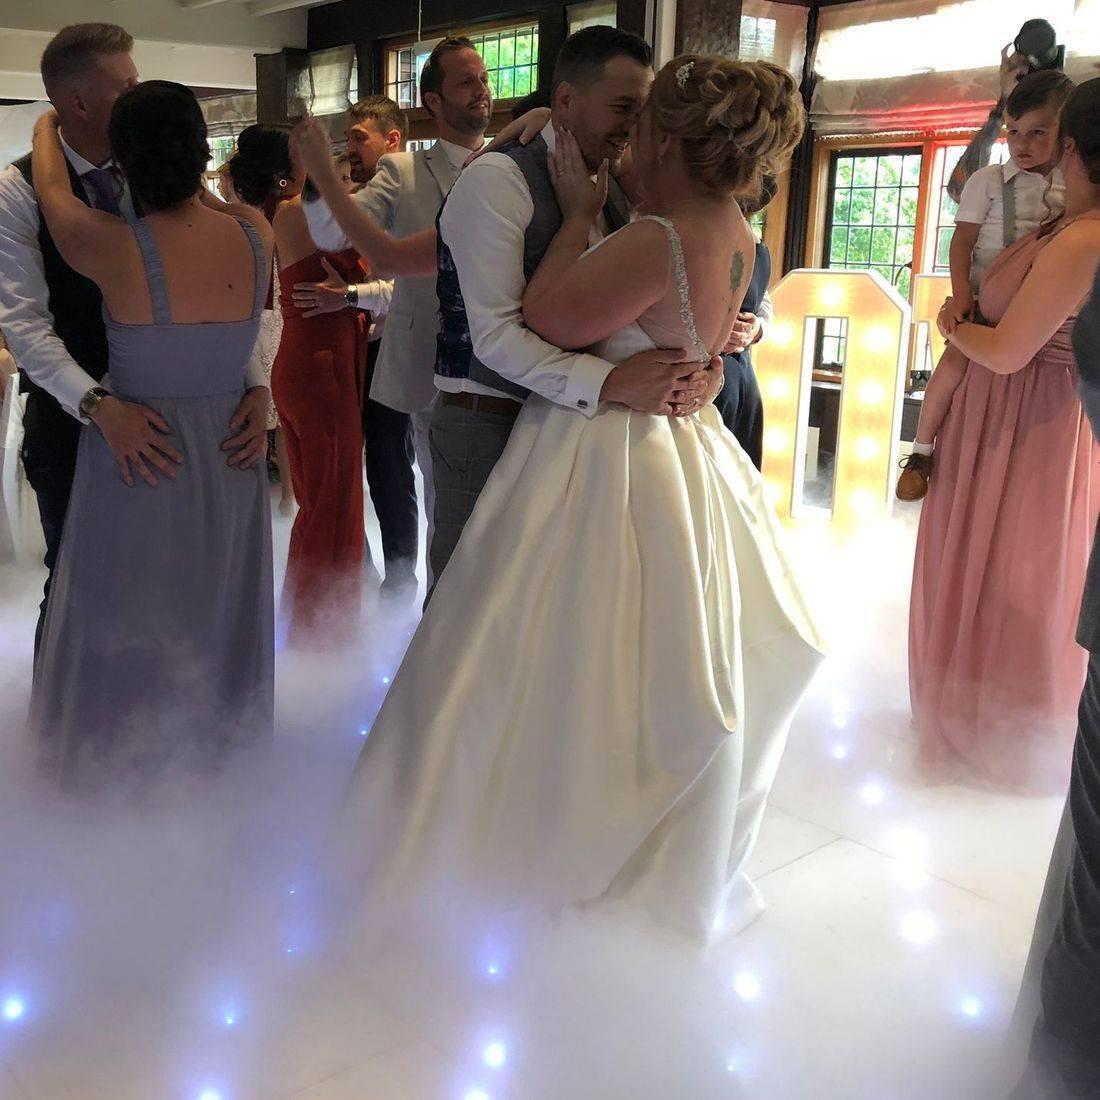 LED Dancefloor Led StarlitDanceflooR Hire  Wedding